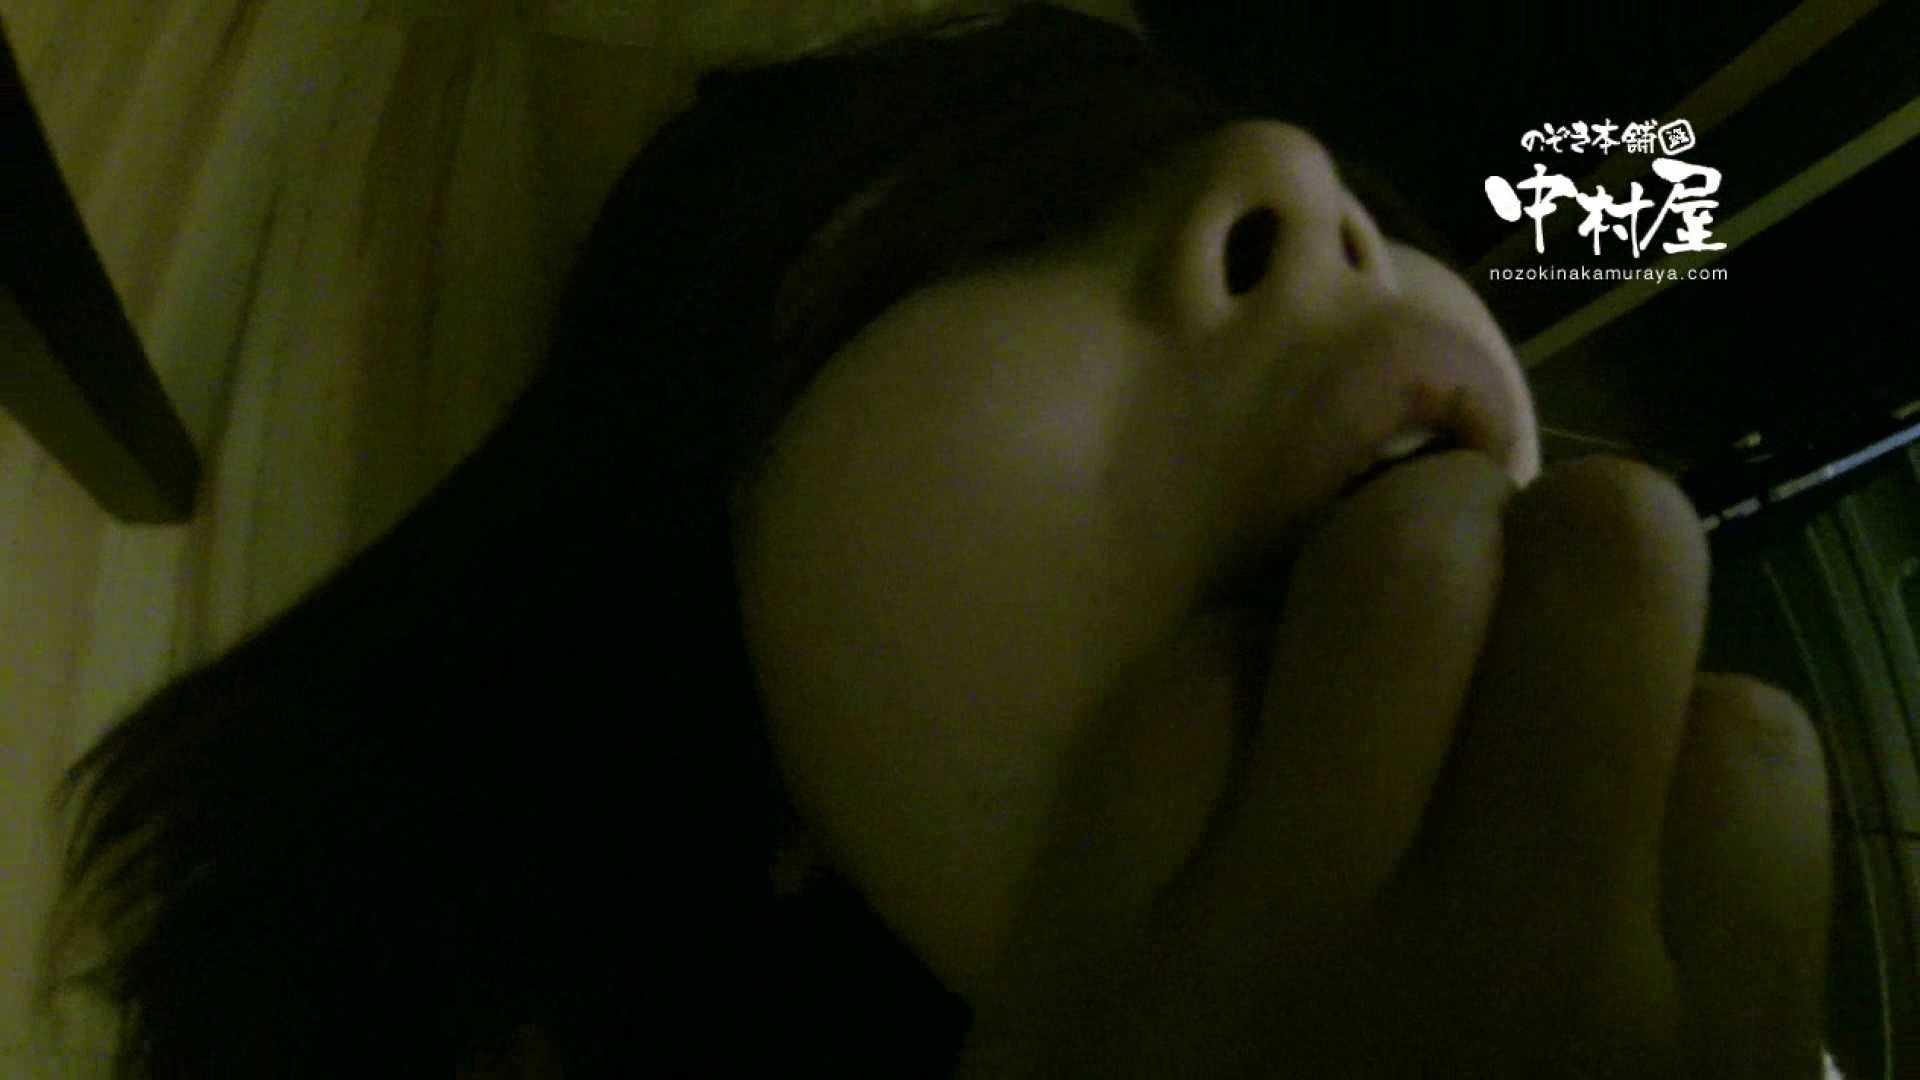 鬼畜 vol.17 中に出さないでください(アニメ声で懇願) 後編 鬼畜  76Pix 67